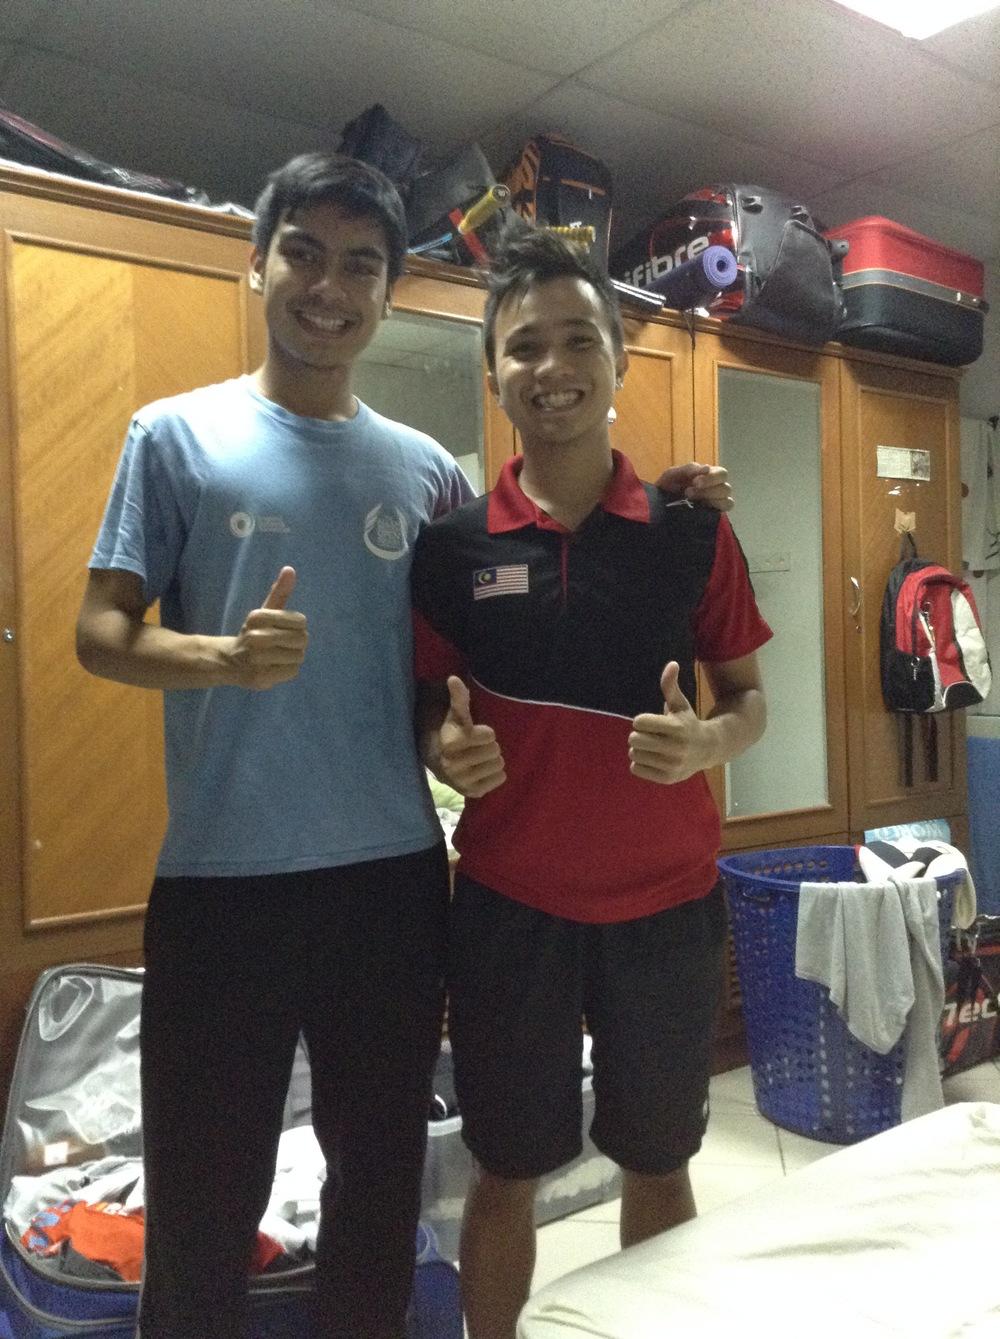 Addeen Idrakie and Mohammad Syafiq Kamal / Kuala Lumpur, Malaysia